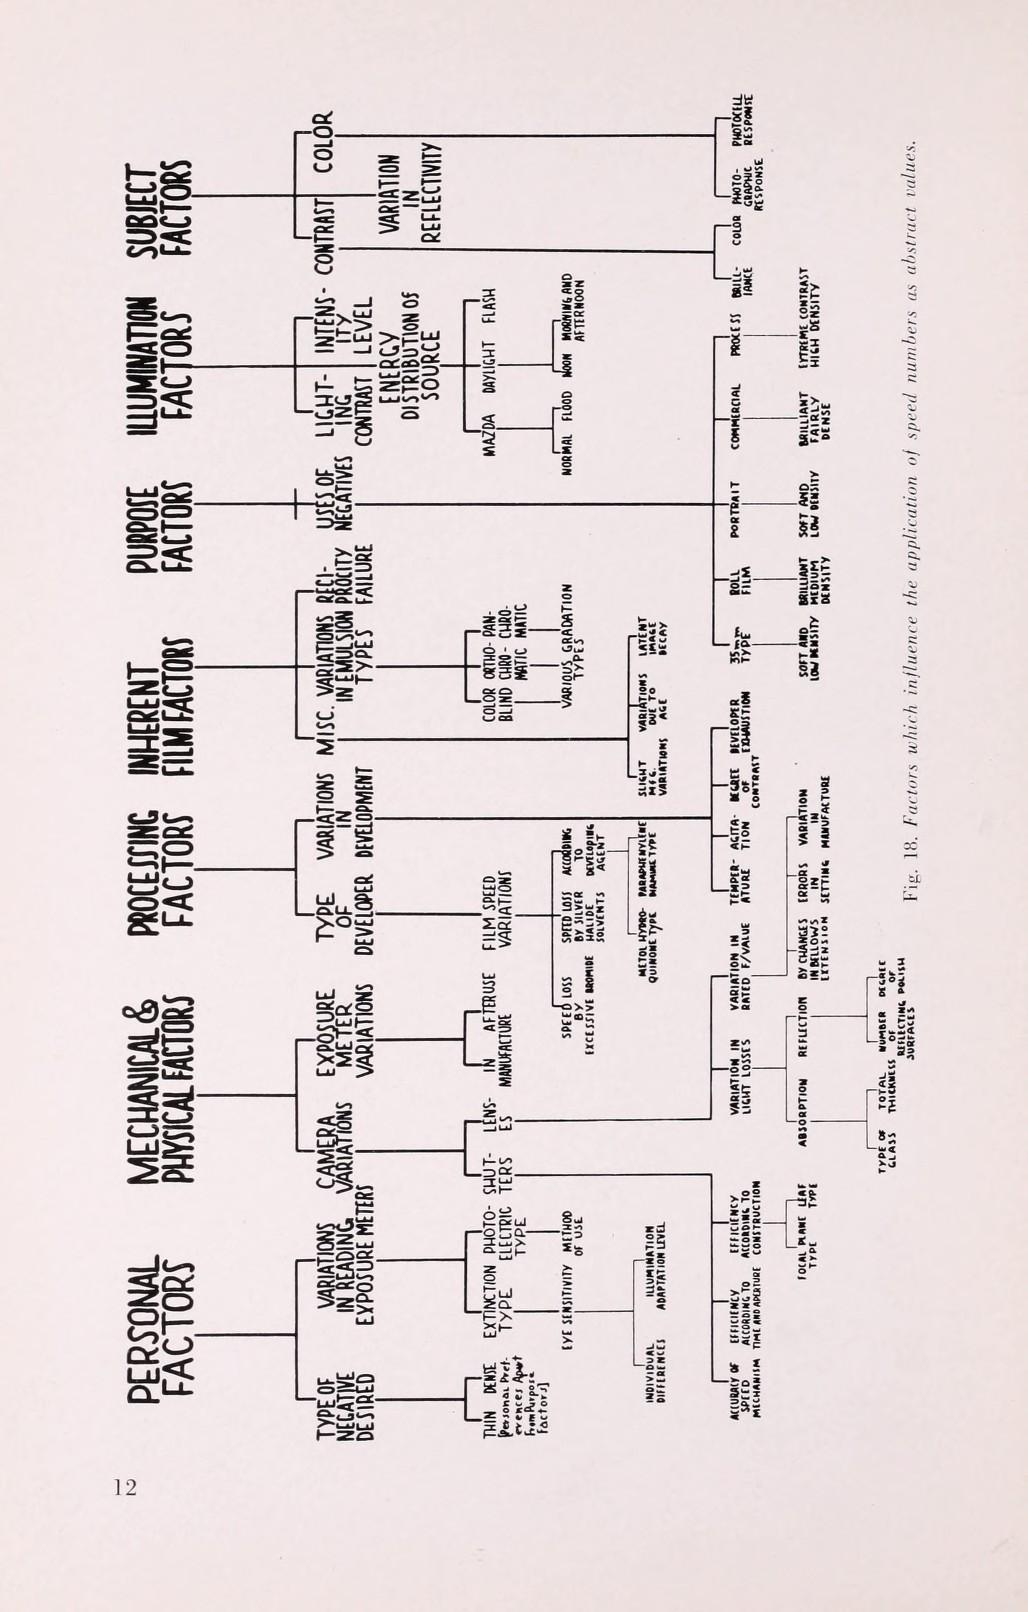 Agfamotionpictur00ckin_jp2.zip&file=agfamotionpictur00ckin_jp2%2fagfamotionpictur00ckin_0262